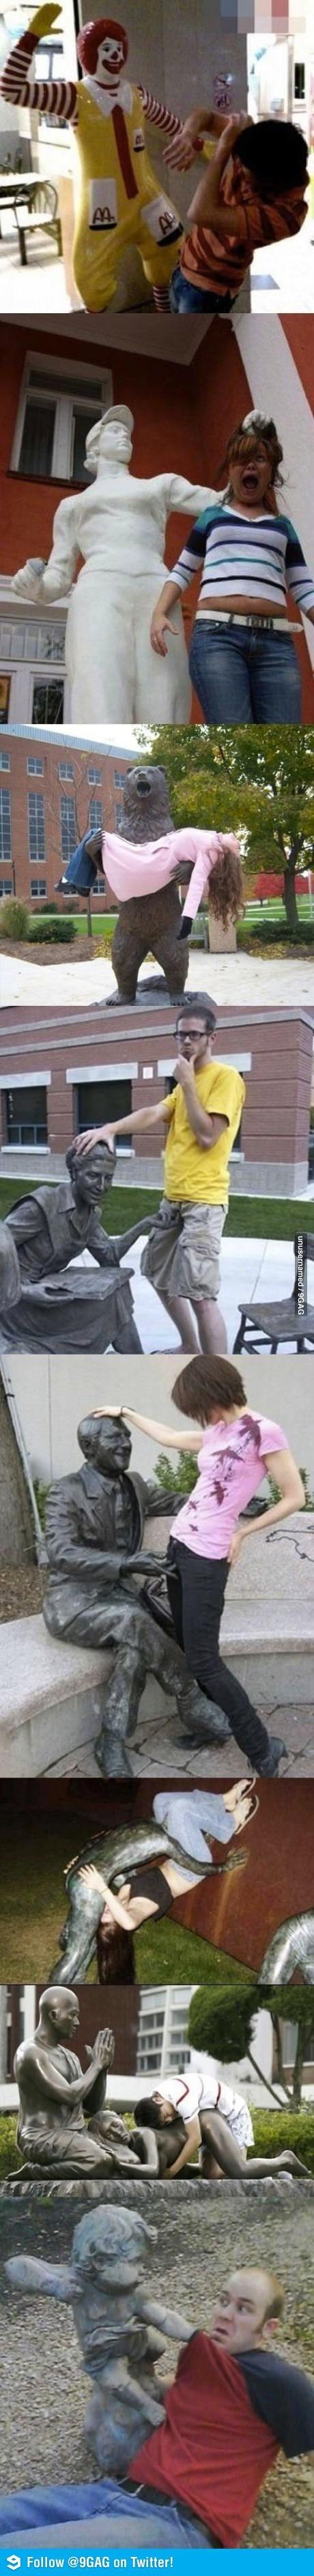 méfiez-vous des statues qui dorment...